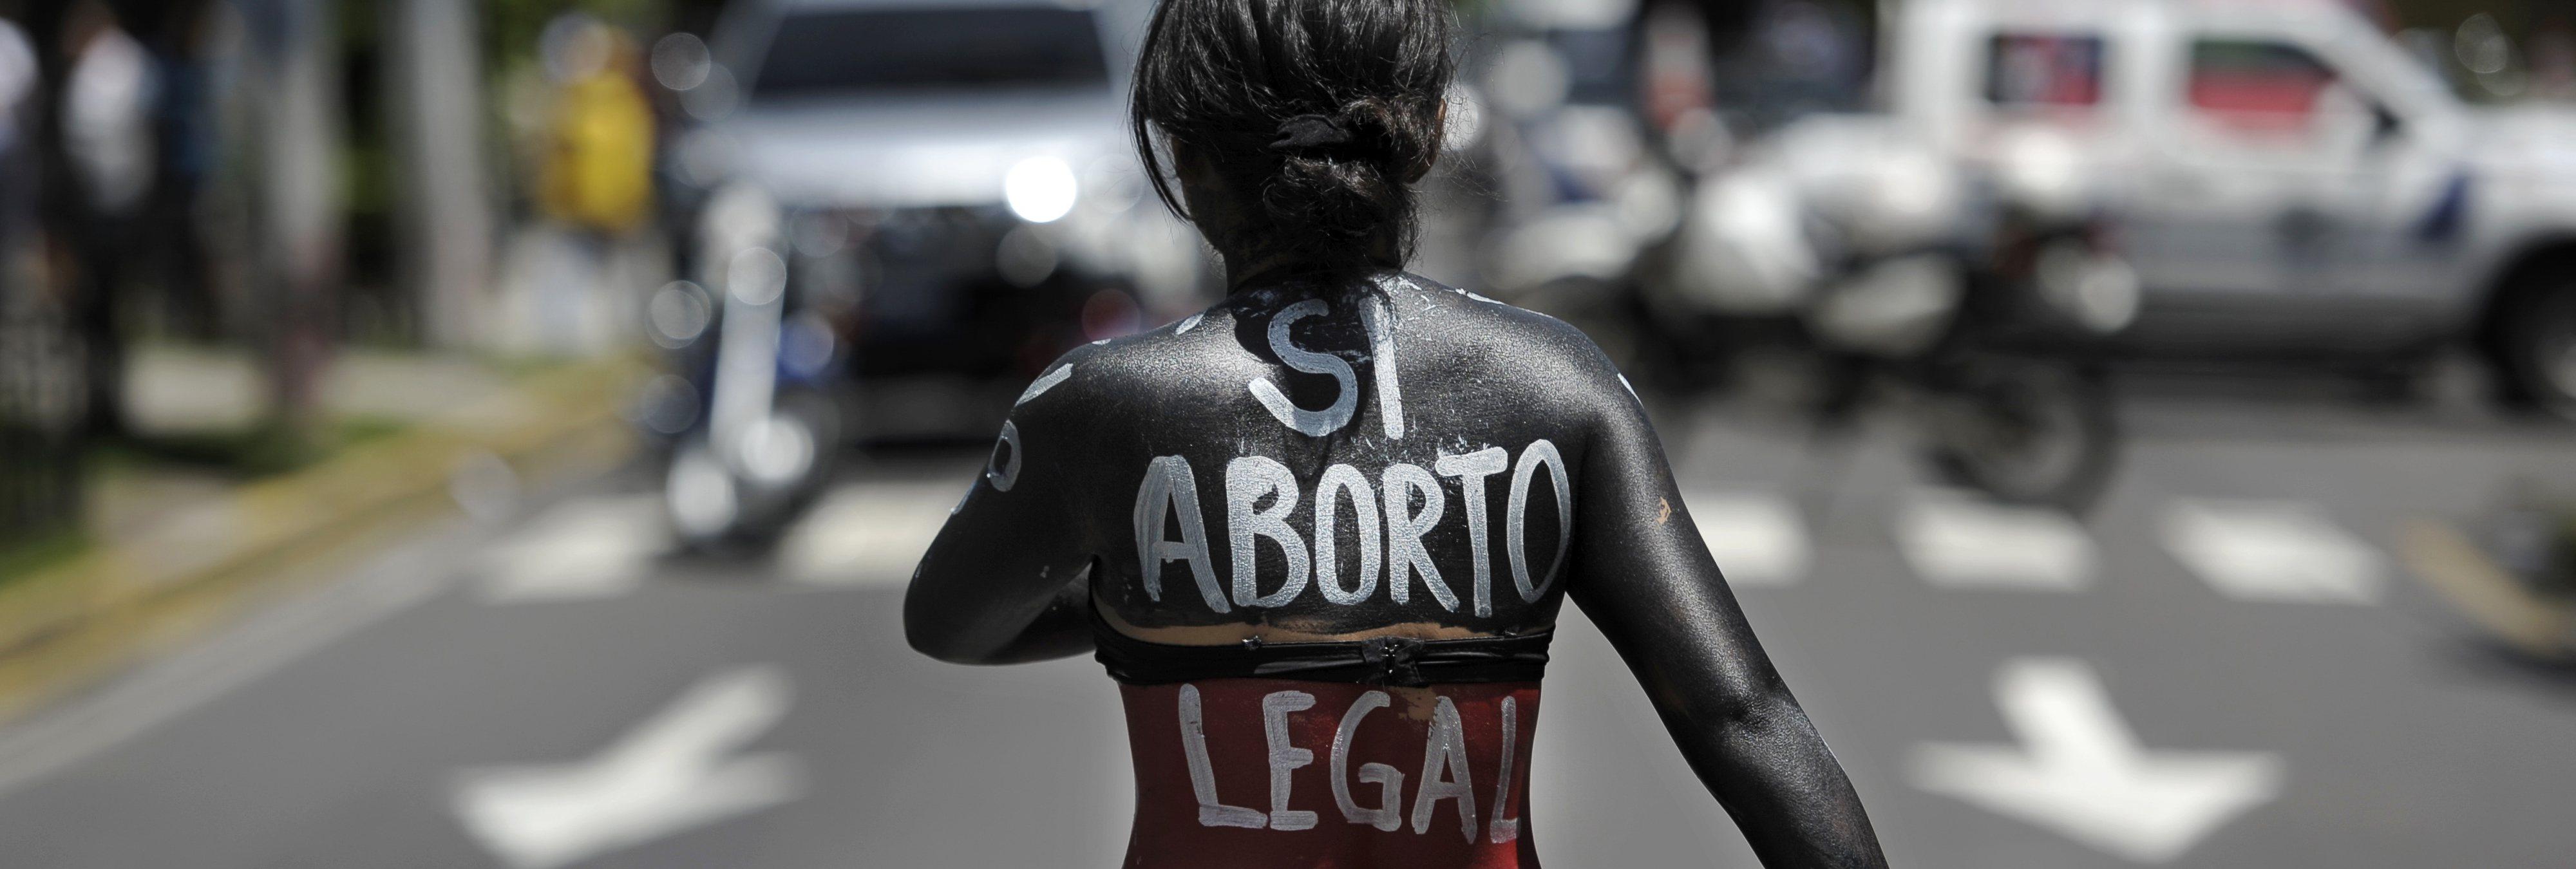 Un estudio demuestra que las mujeres recurren menos al aborto cuando este es legal